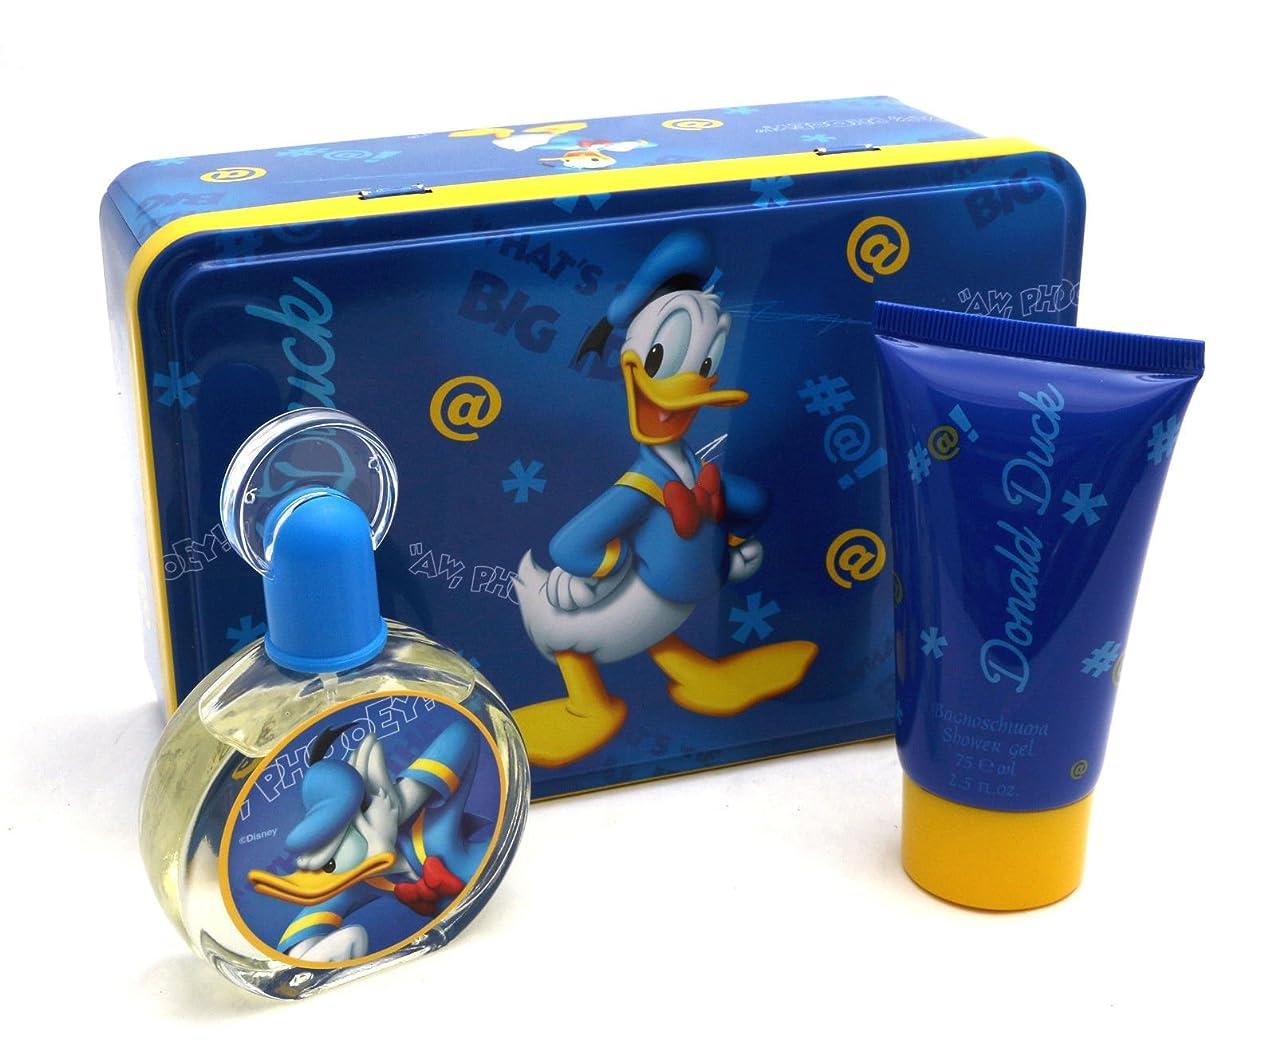 好戦的なデコードする突き刺すDonald Duck (ドナルドダック) 1.7 oz (50ml) EDT Spray + 2.5 oz (75ml) Shower Gel by Disney